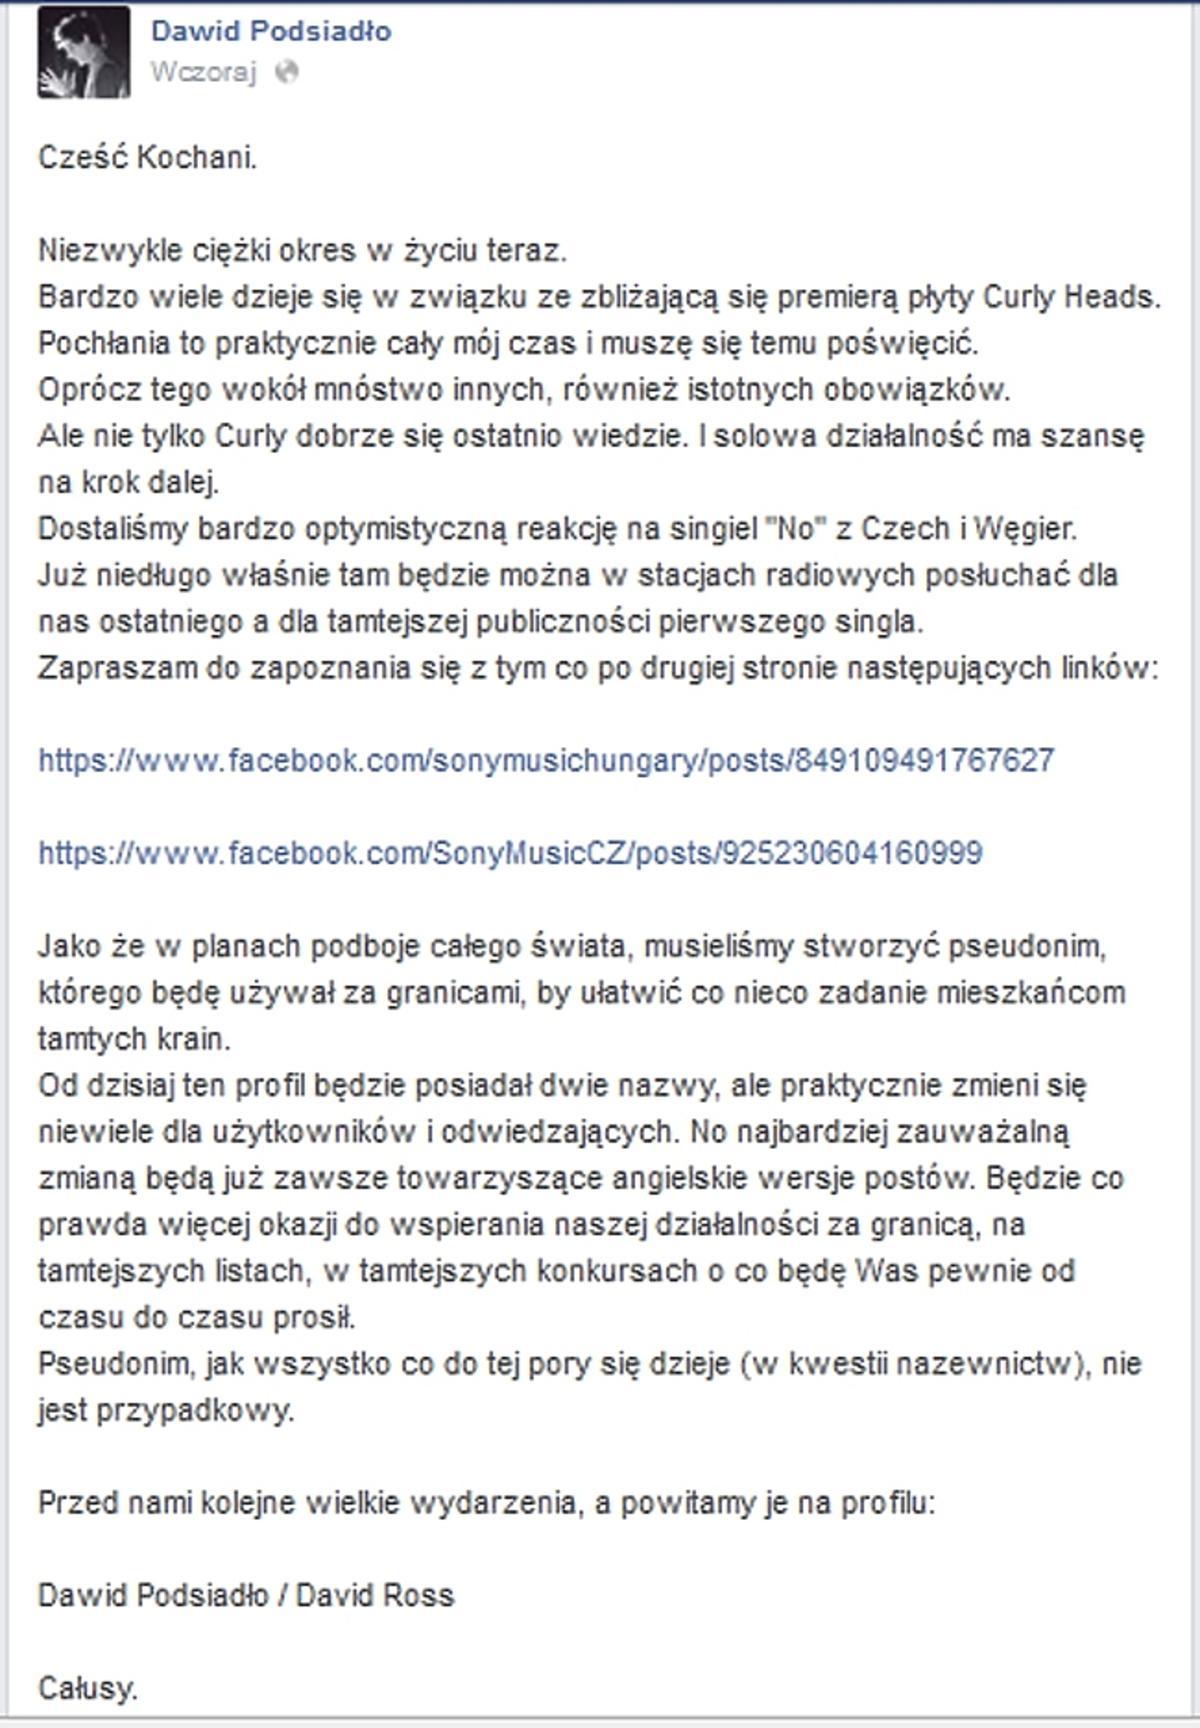 Nowy pseudonim Dawida Podsiadło